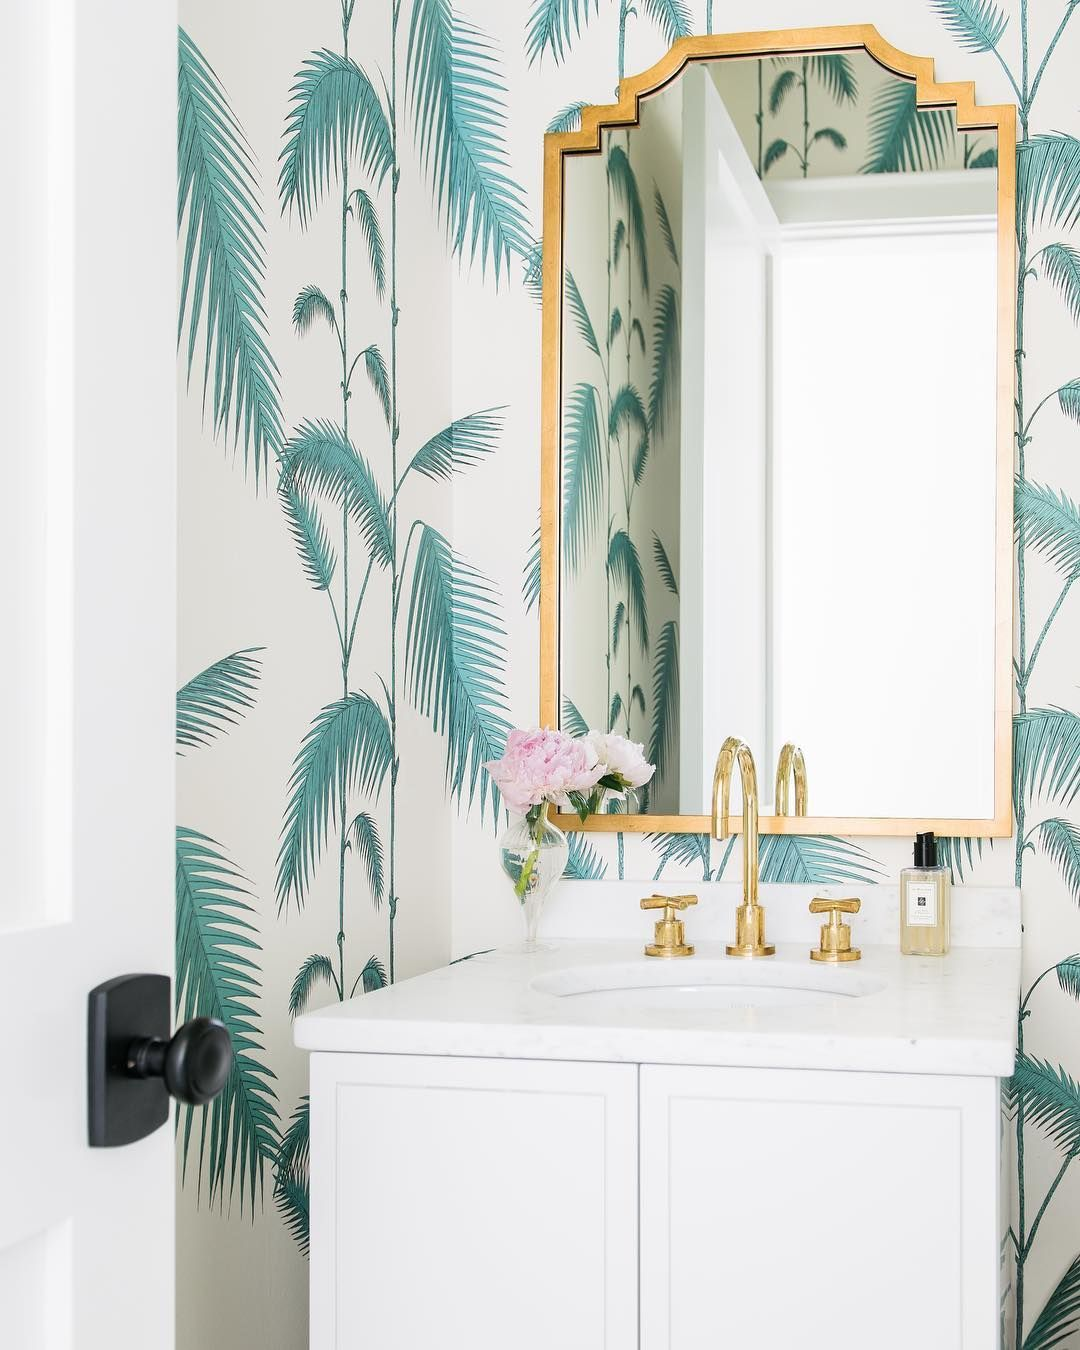 Palm Leaf Print Wallpaper In Beach Bathroom Design Love